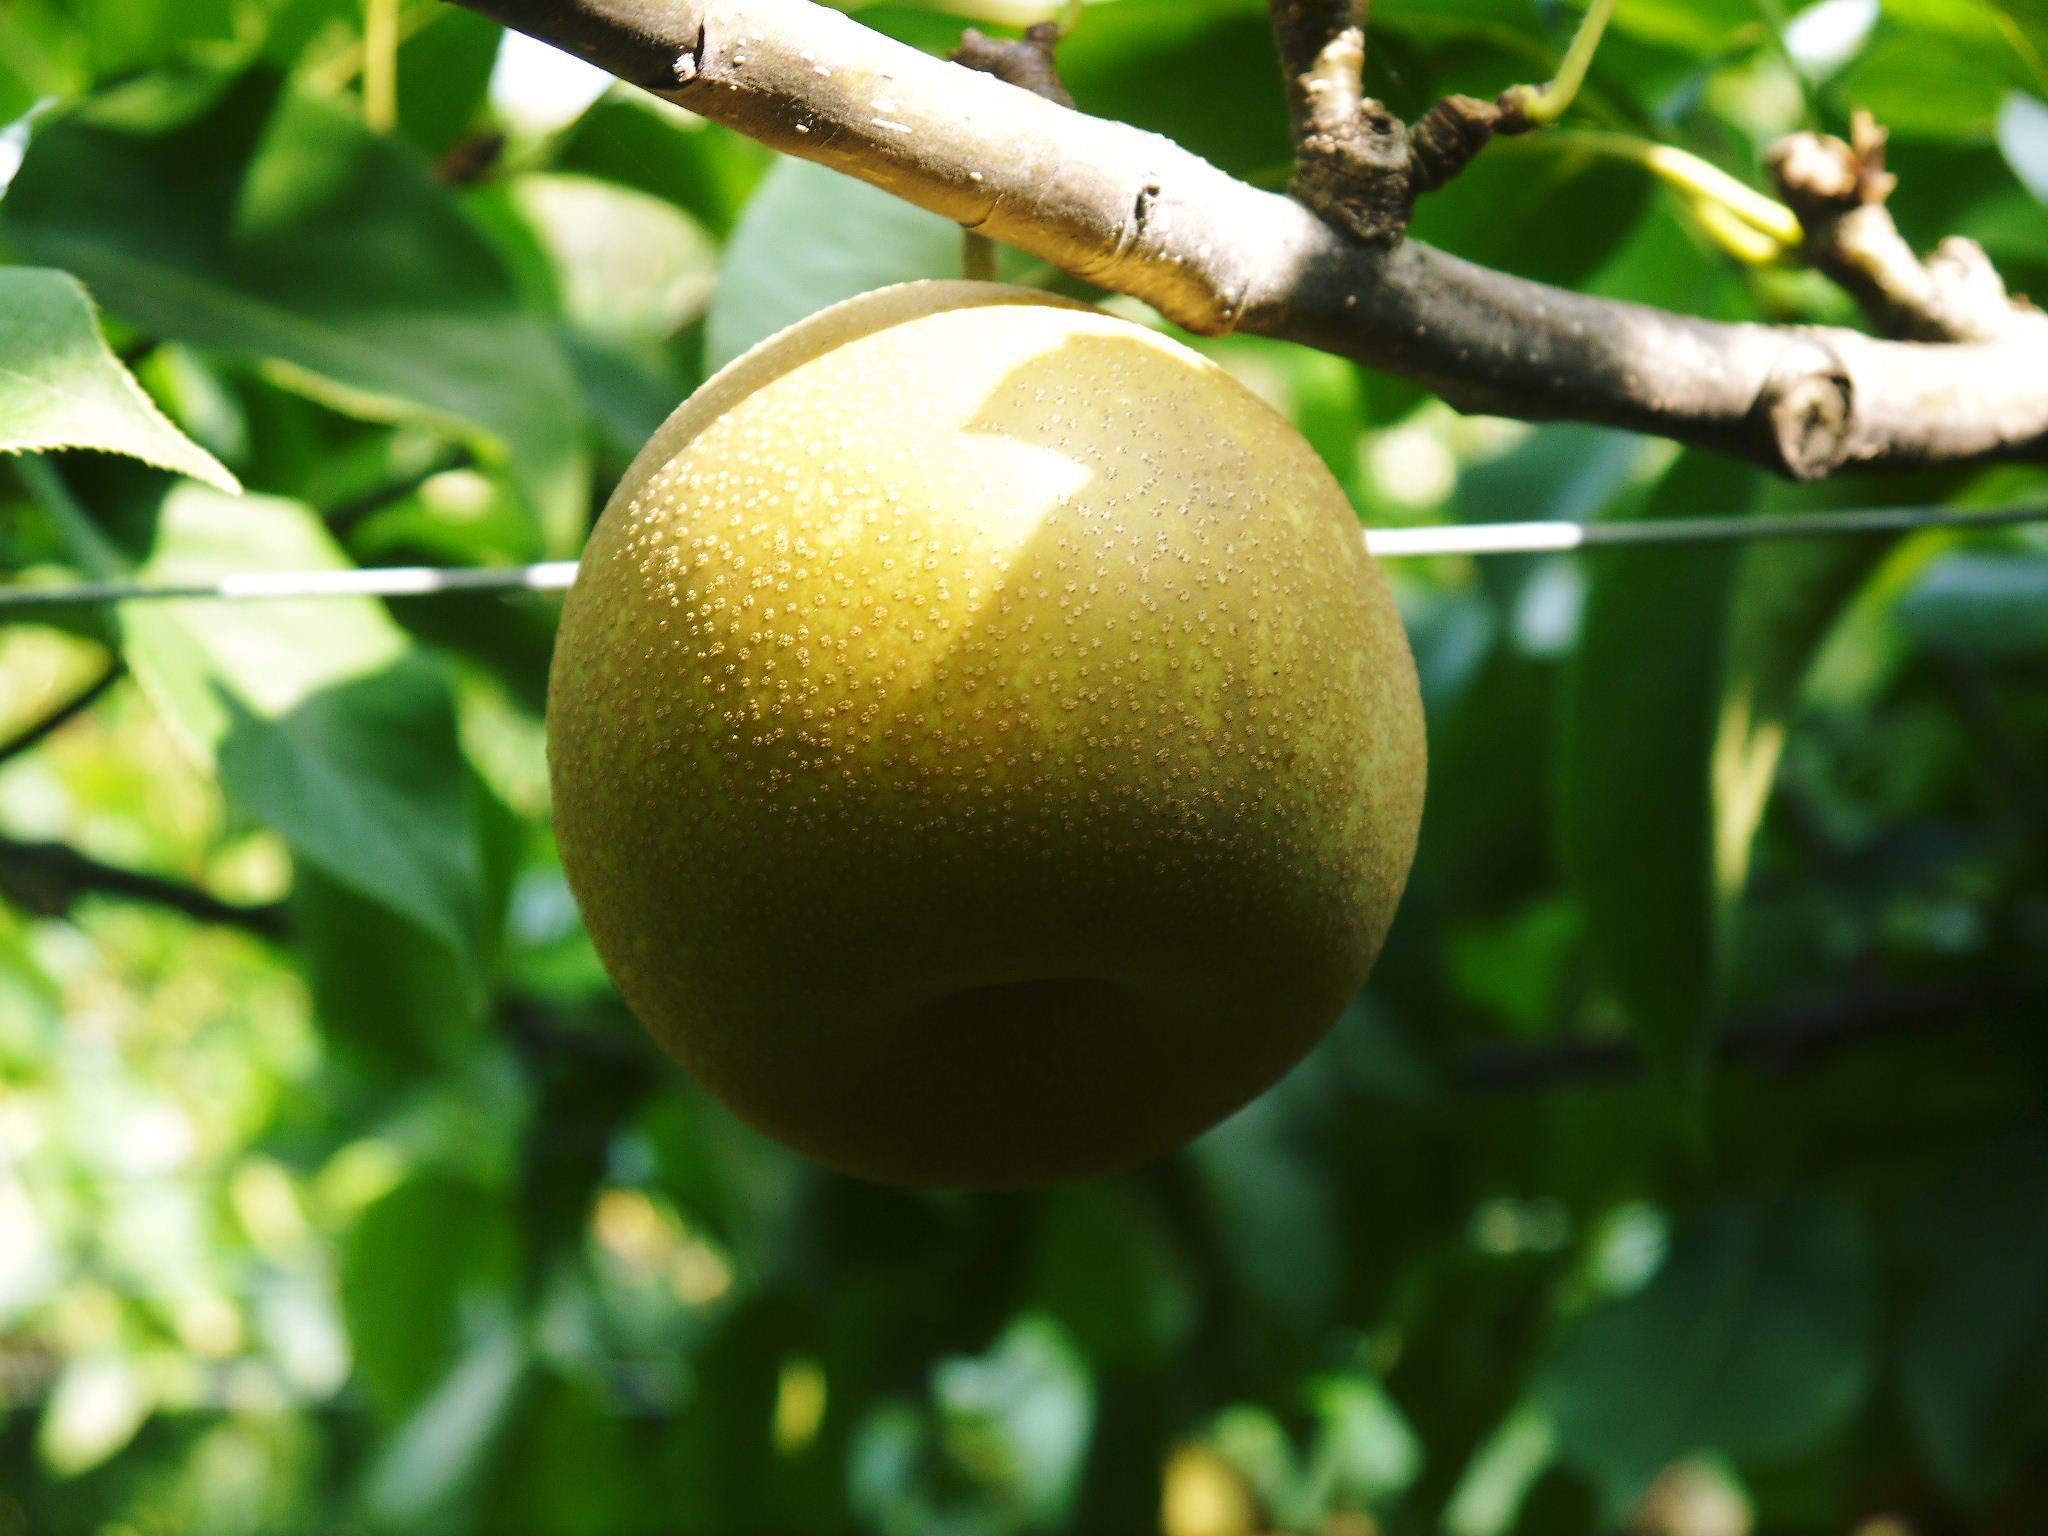 熊本梨 令和3年度の初出荷!まずはこだわりの樹上完熟梨『幸水』を朝採り即日発送でお届けします!_a0254656_17501134.jpg